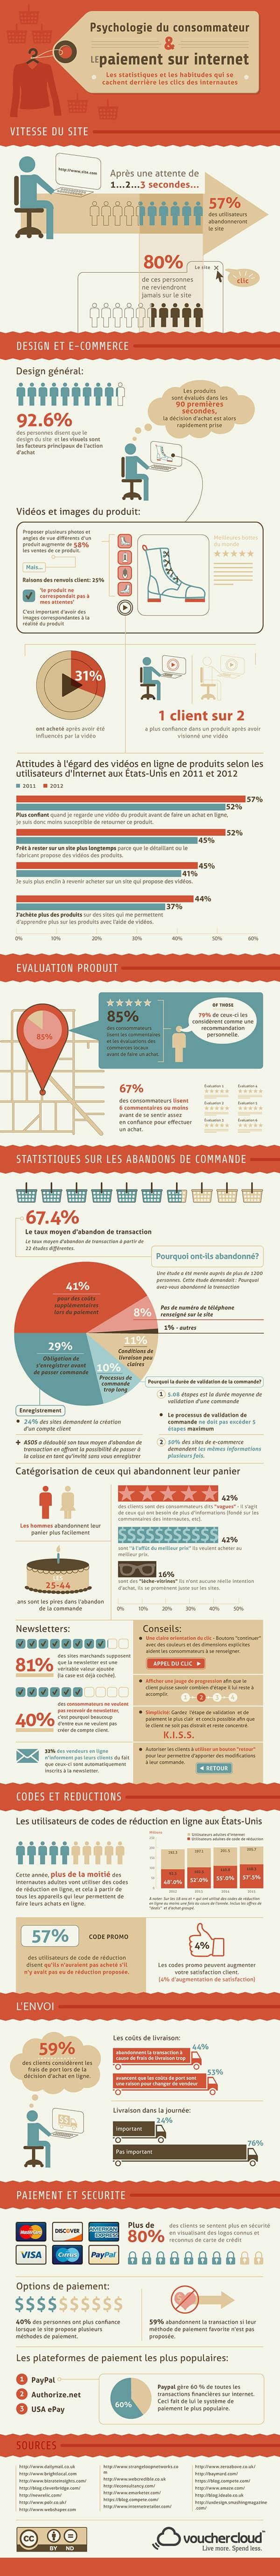 Infographie-Psychologie-du-consommateur-et-paiement-en-ligne